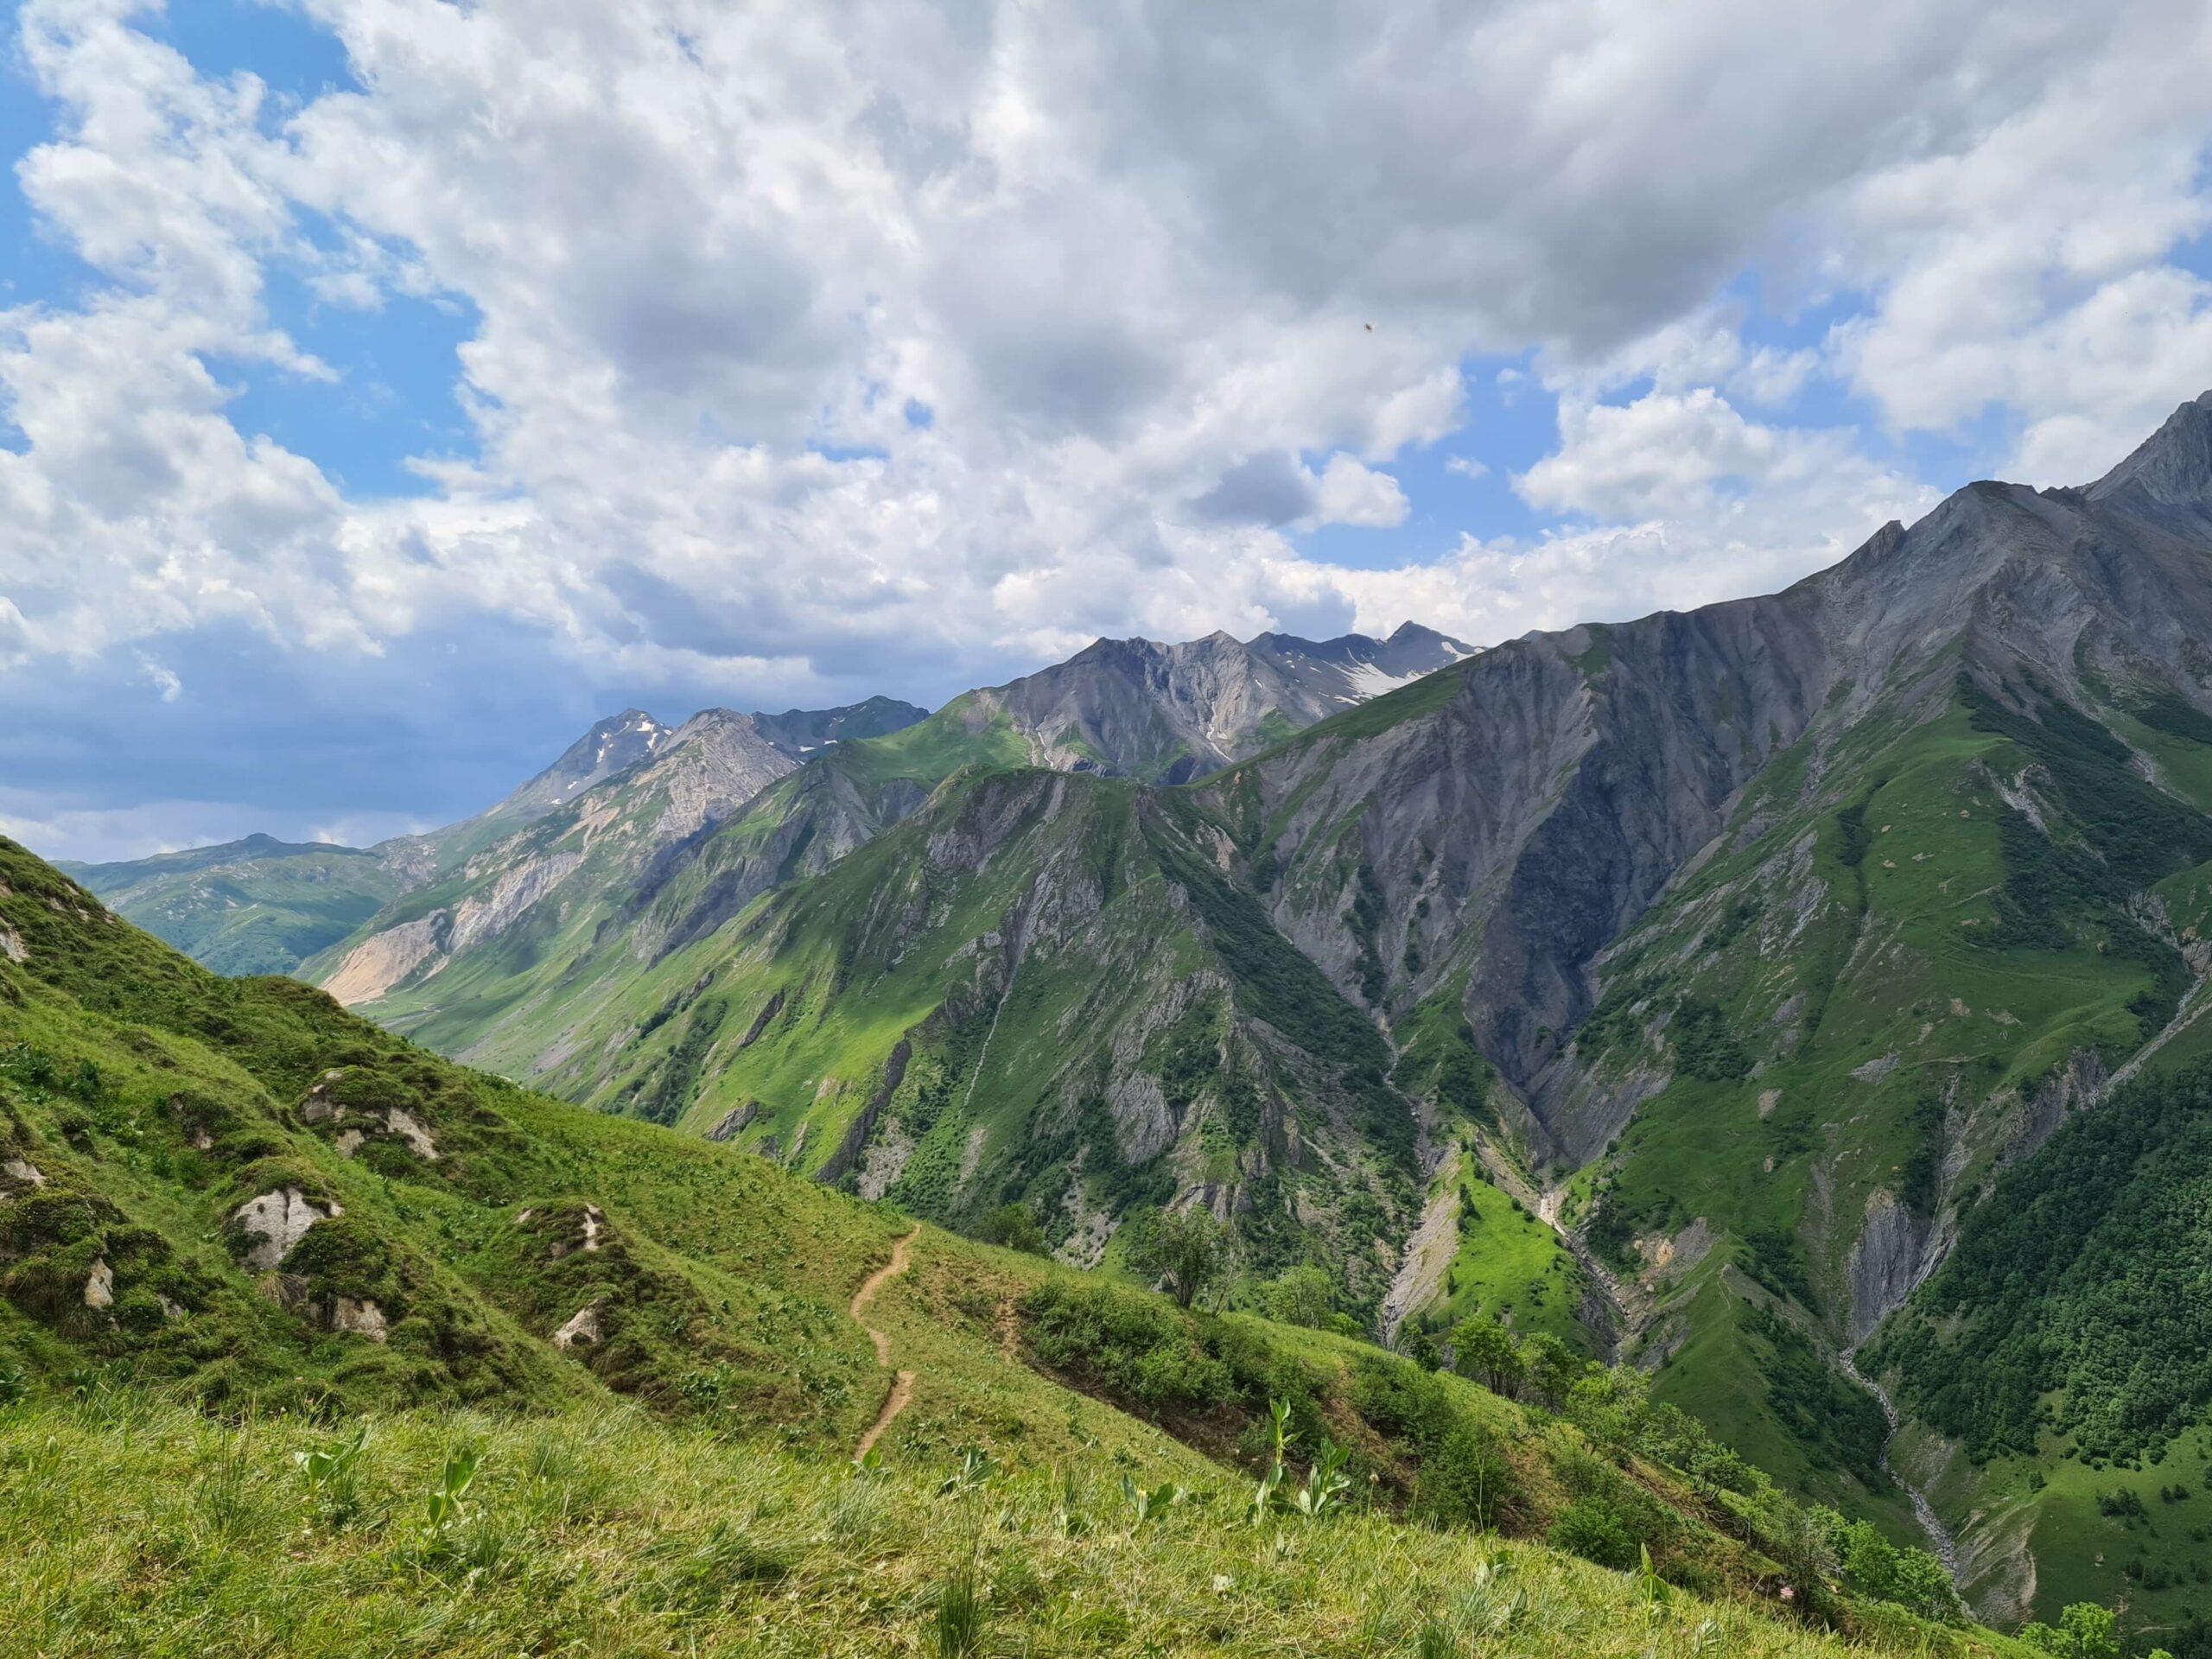 Op de top van de Col des Encombres op 2.325 metervind je werkelijk een indrukwekkend panoramisch uitzicht op het Écrins-massief en de hoge toppen van de Vanoise